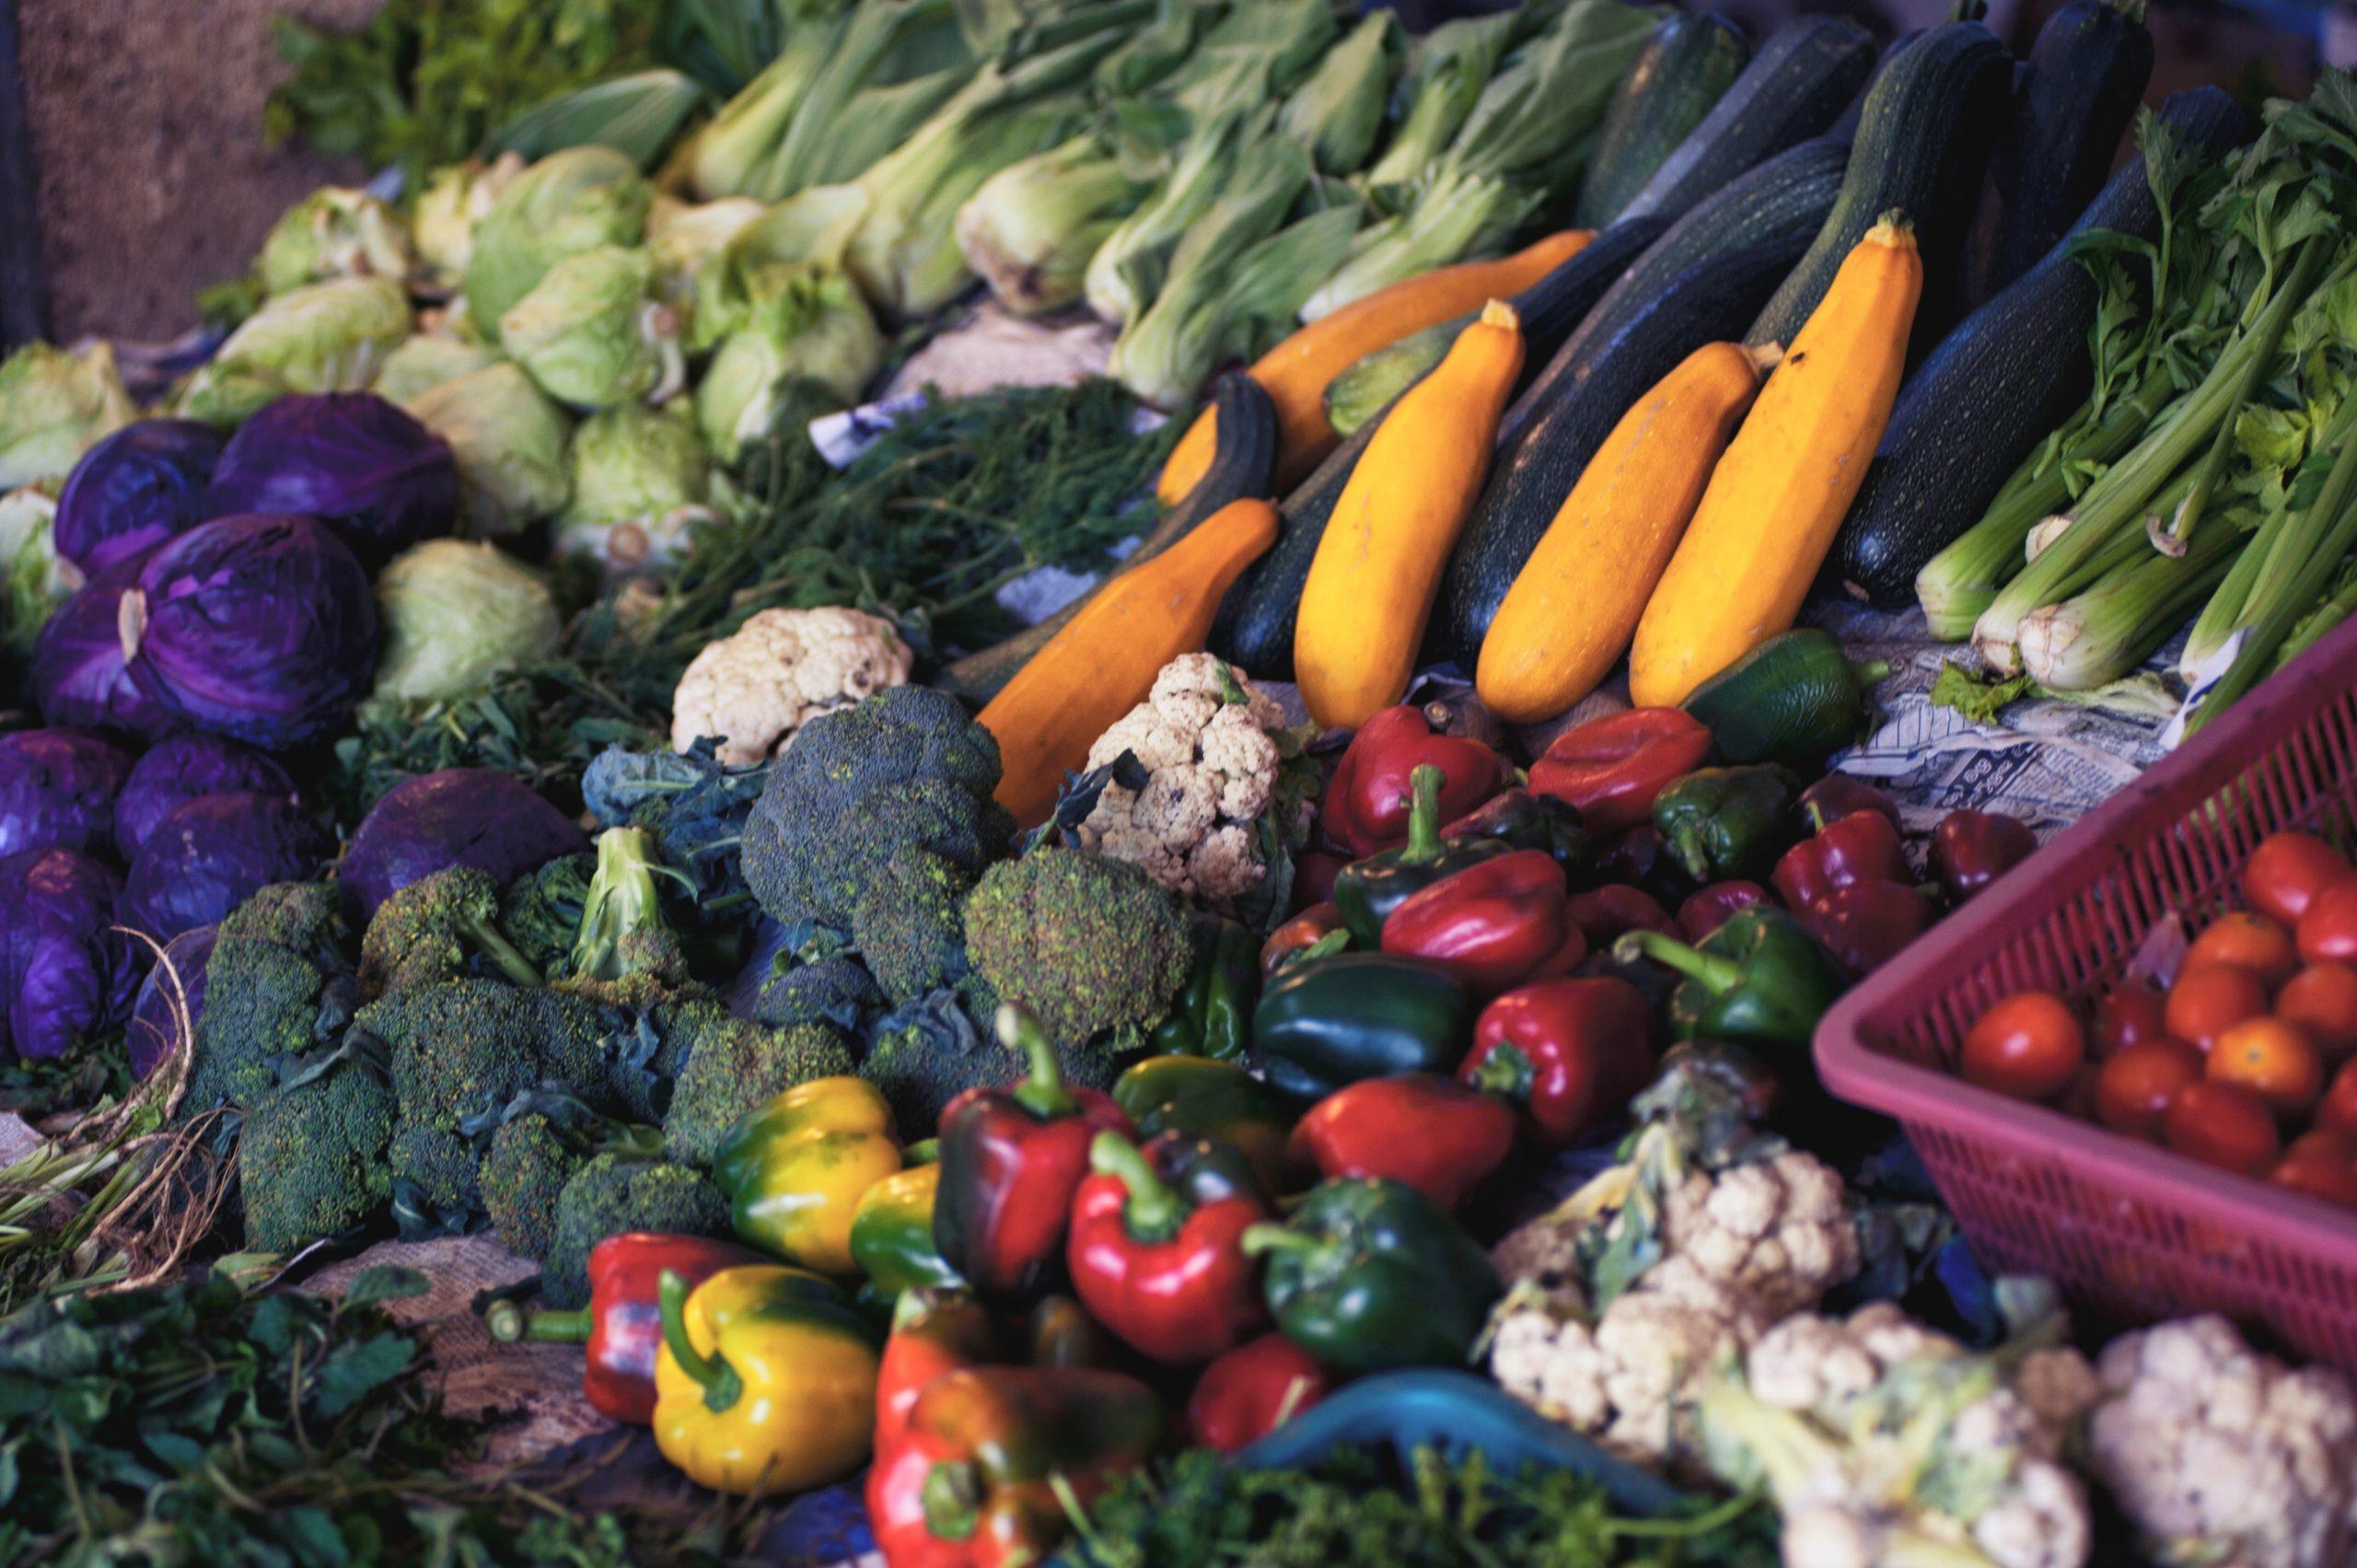 ガストロバックは野菜の本質を最大限に生かす厨房機器です